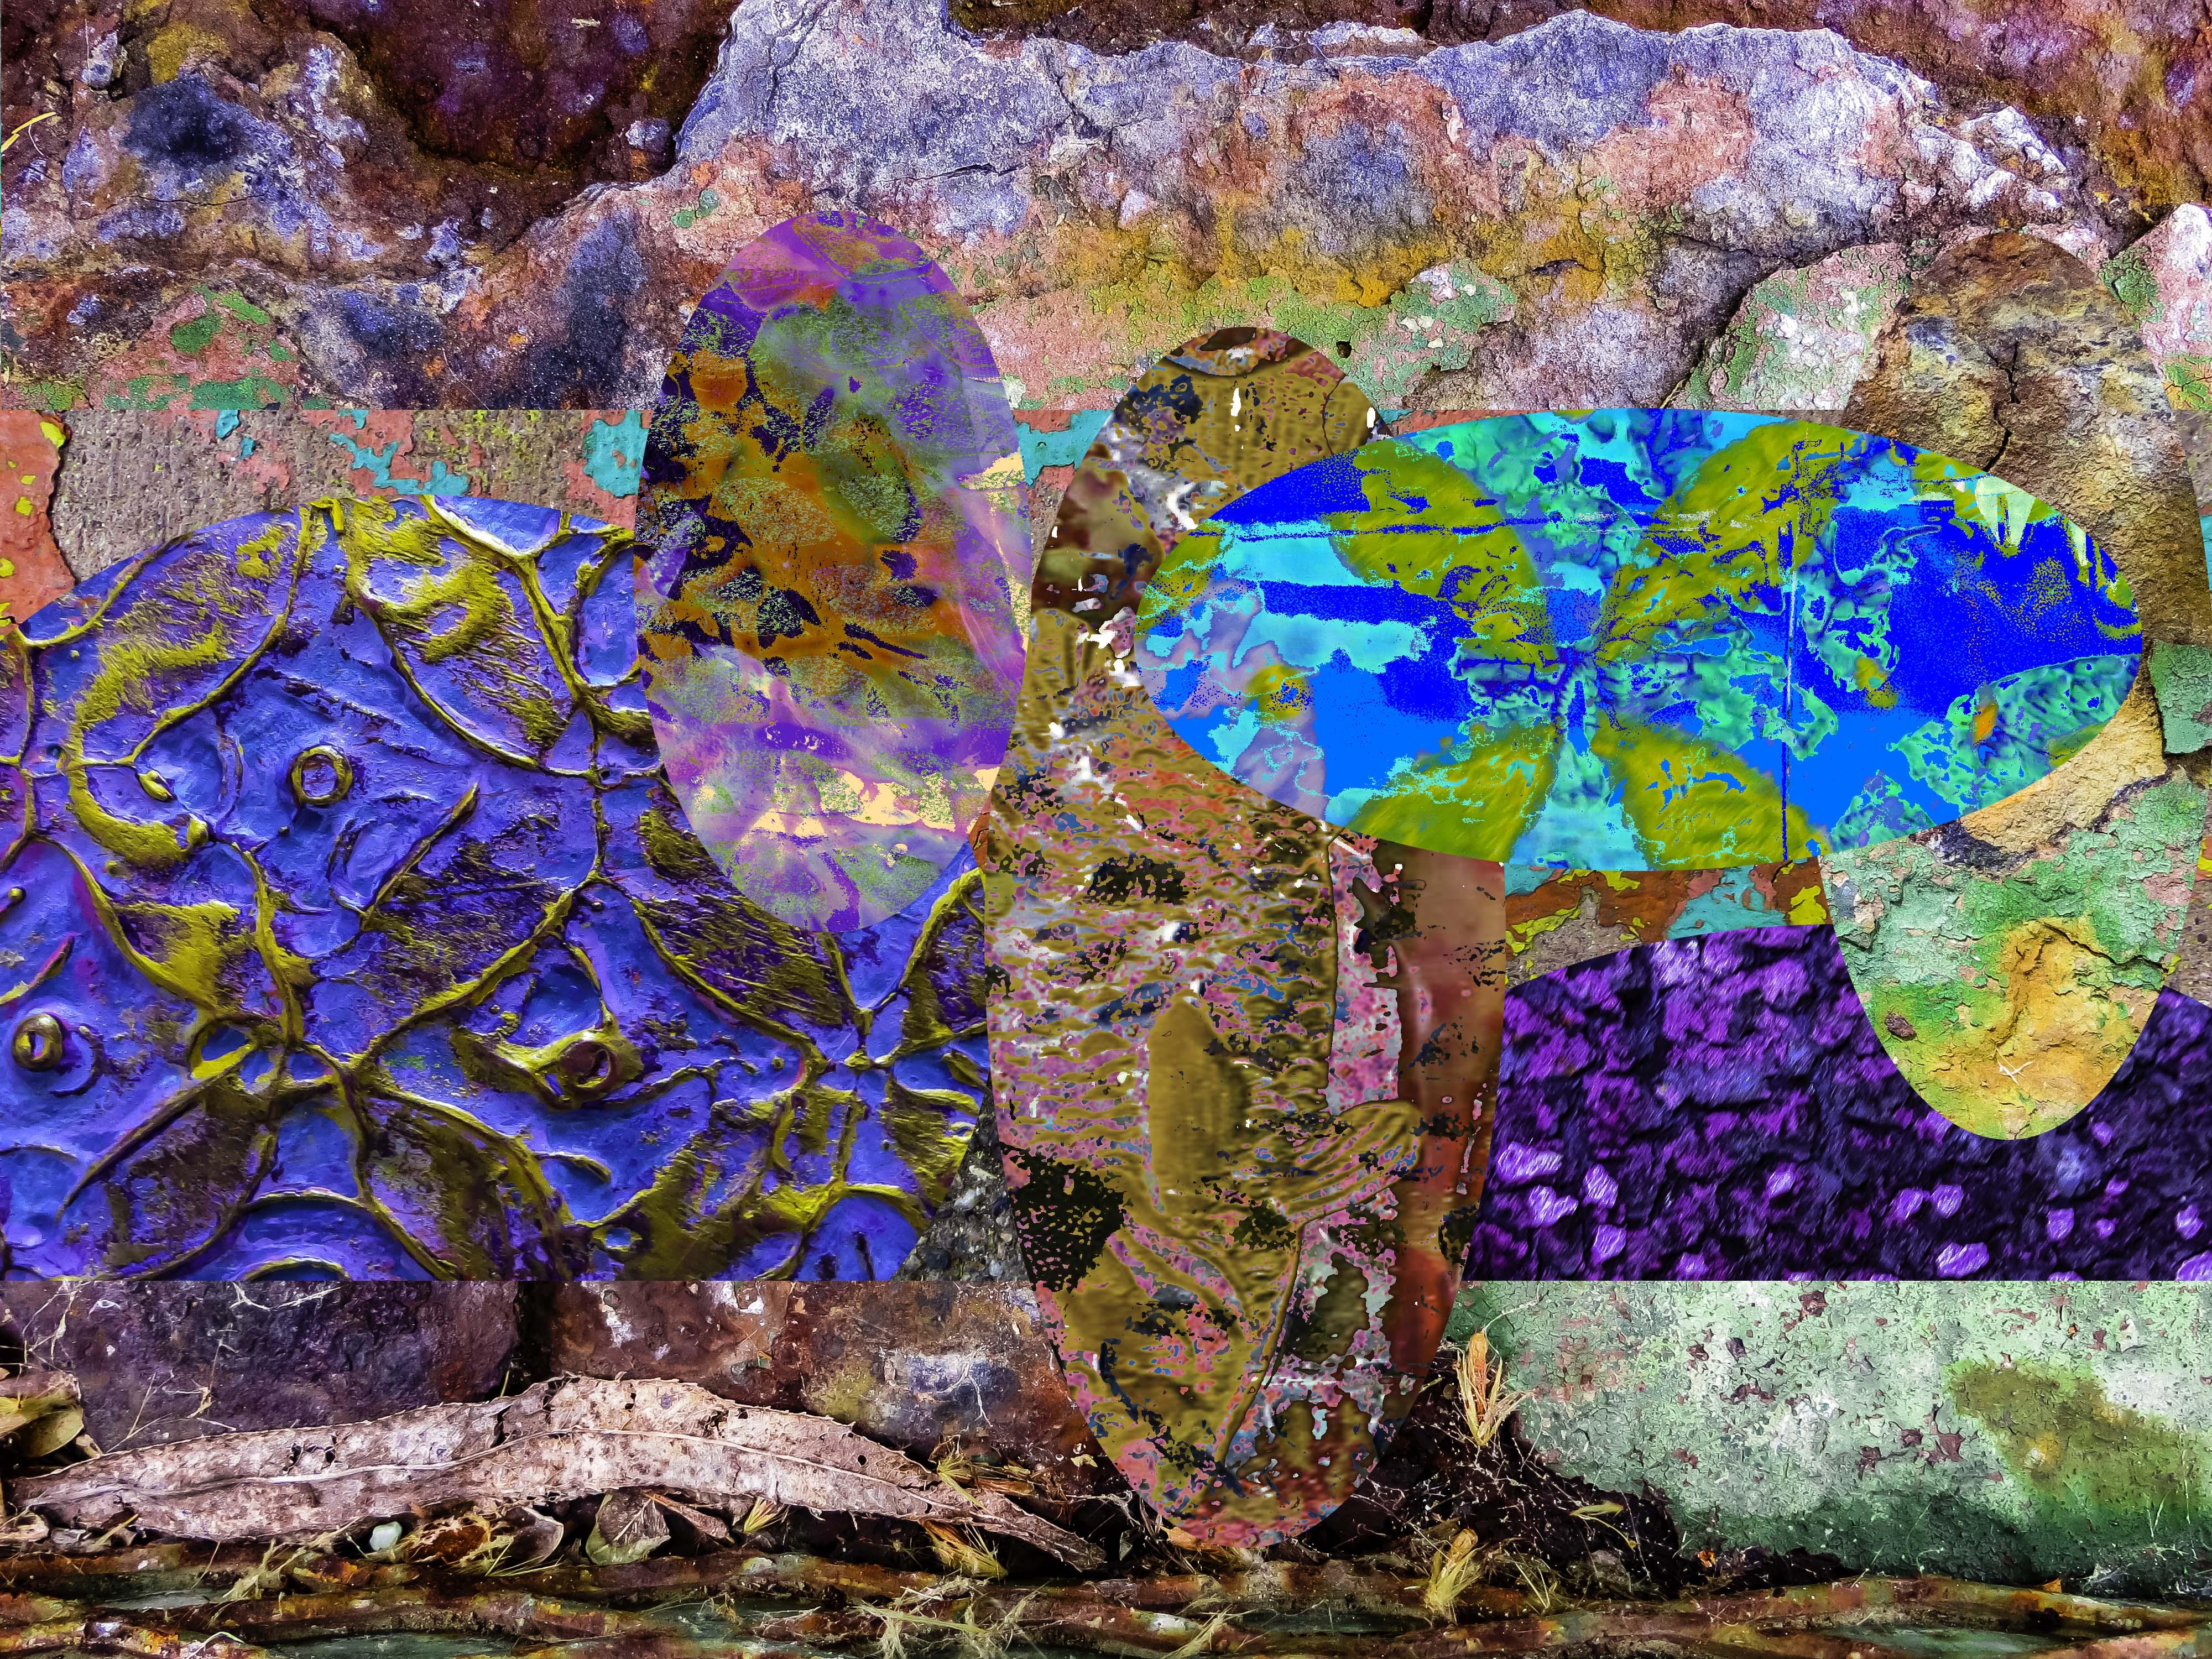 Collage ABS circles FLW 2109 vnbhgjkl.jpg